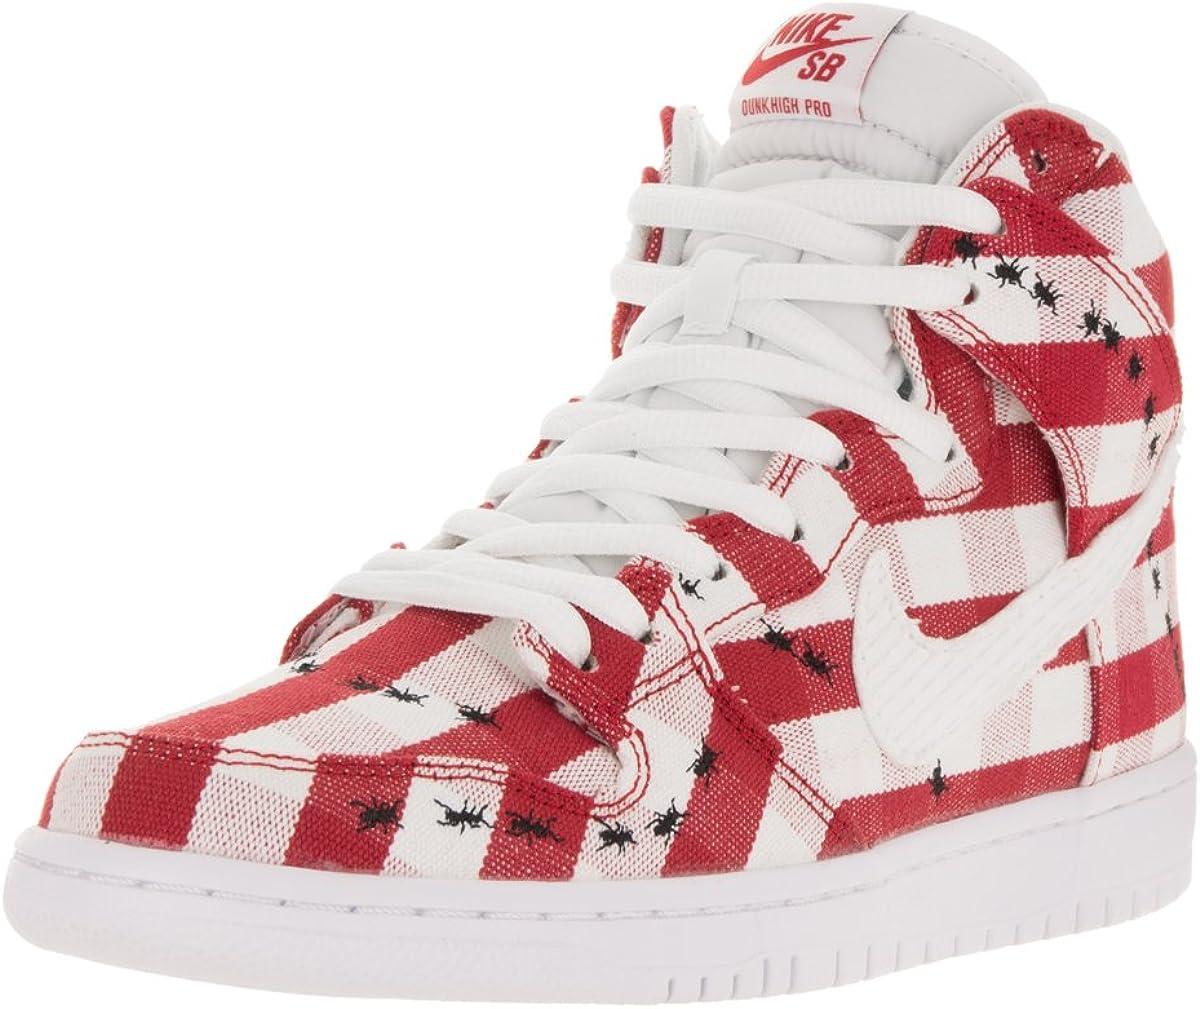 Nike Men s Dunk High Pro SB Skate Shoe